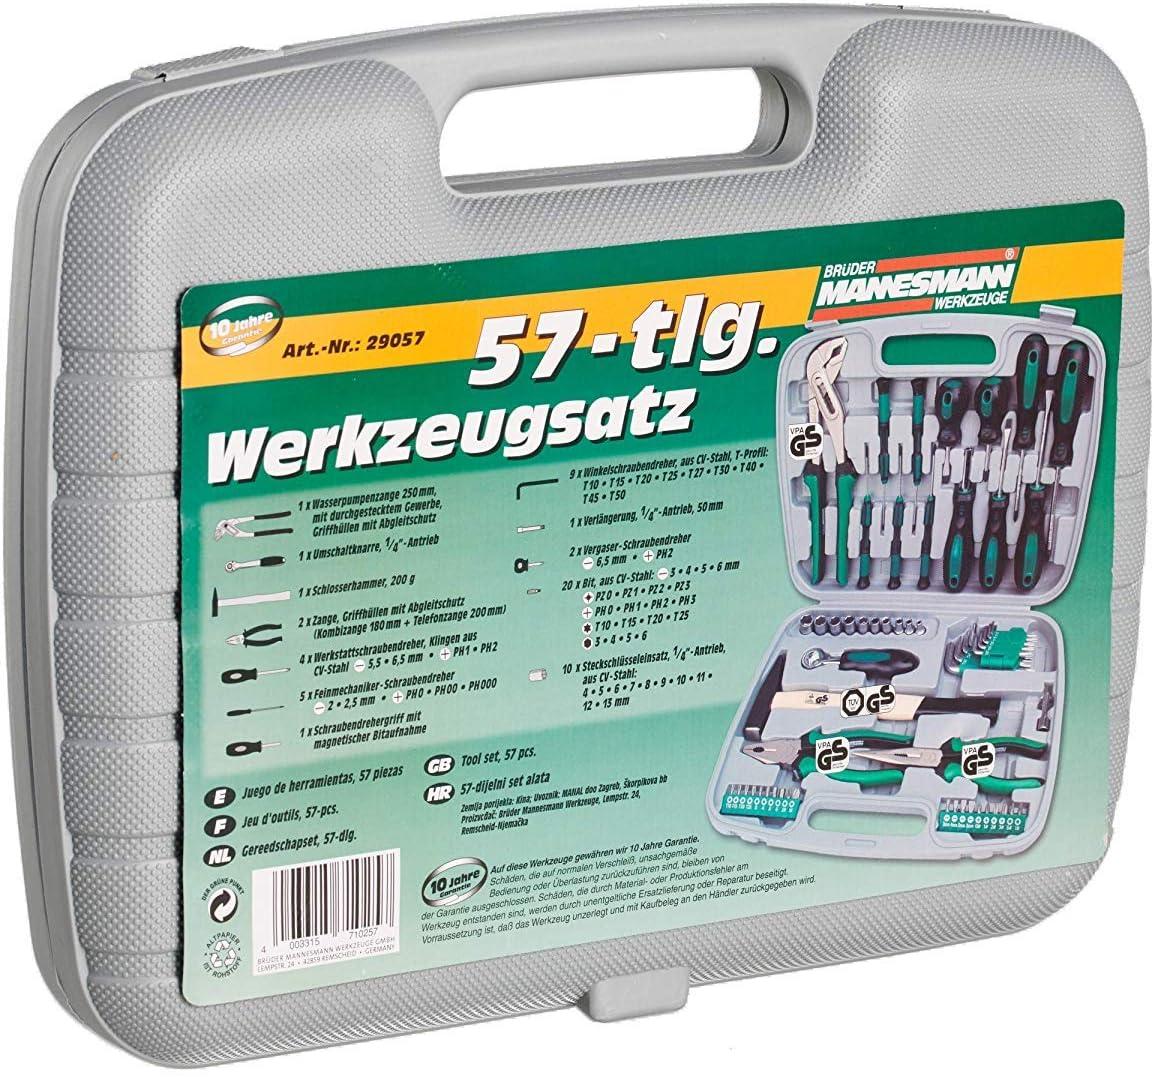 Mannesmann - M29057 - Juego de herramientas 57 piezas: Amazon.es ...